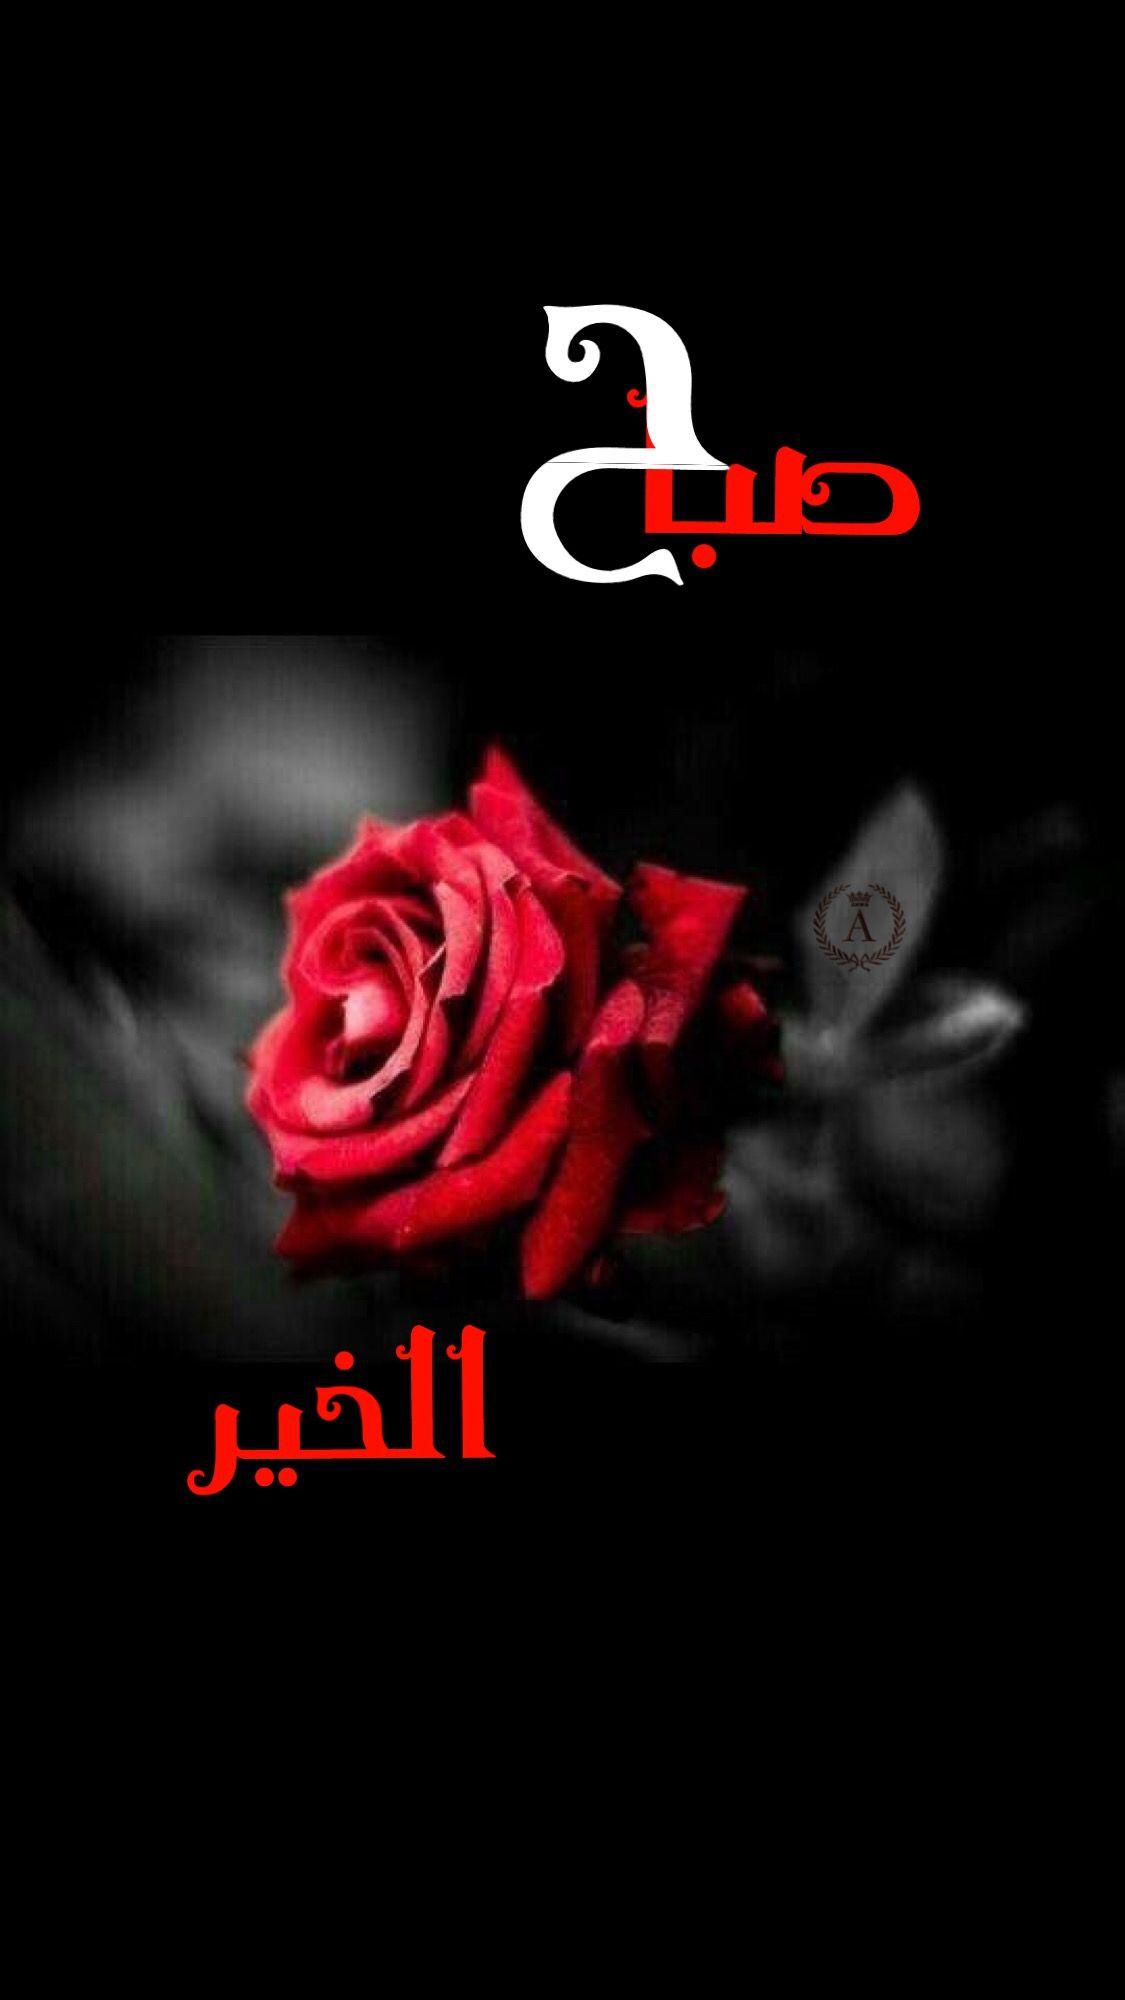 صباح الخير Good Morning Arabic Good Evening Wishes Good Morning Greetings